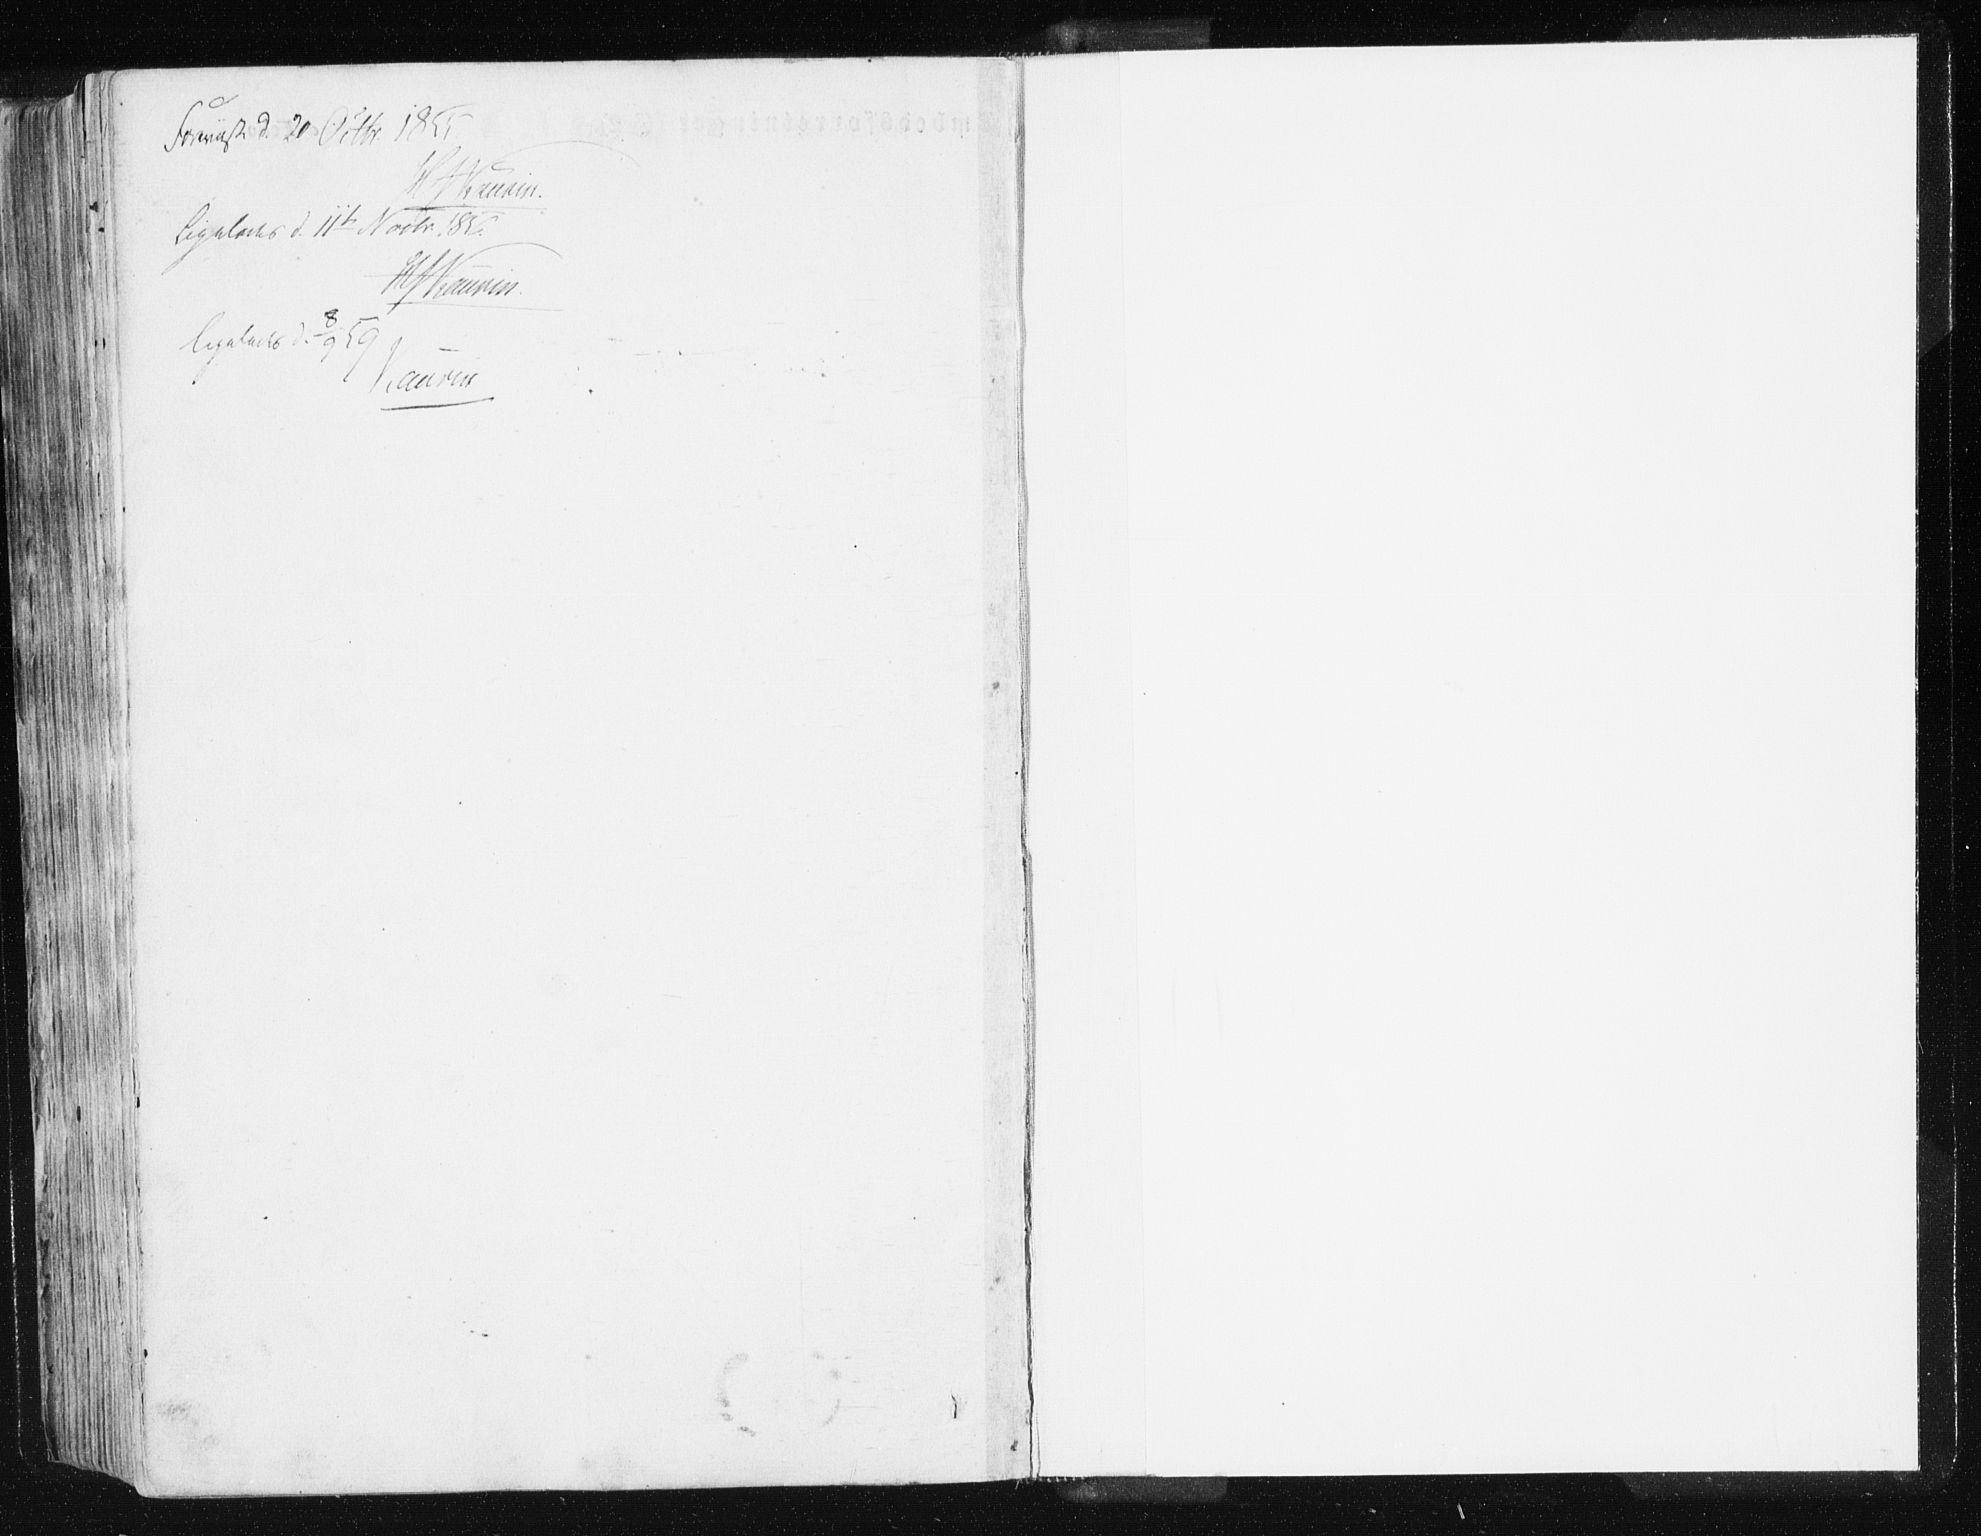 SAT, Ministerialprotokoller, klokkerbøker og fødselsregistre - Sør-Trøndelag, 612/L0376: Ministerialbok nr. 612A08, 1846-1859